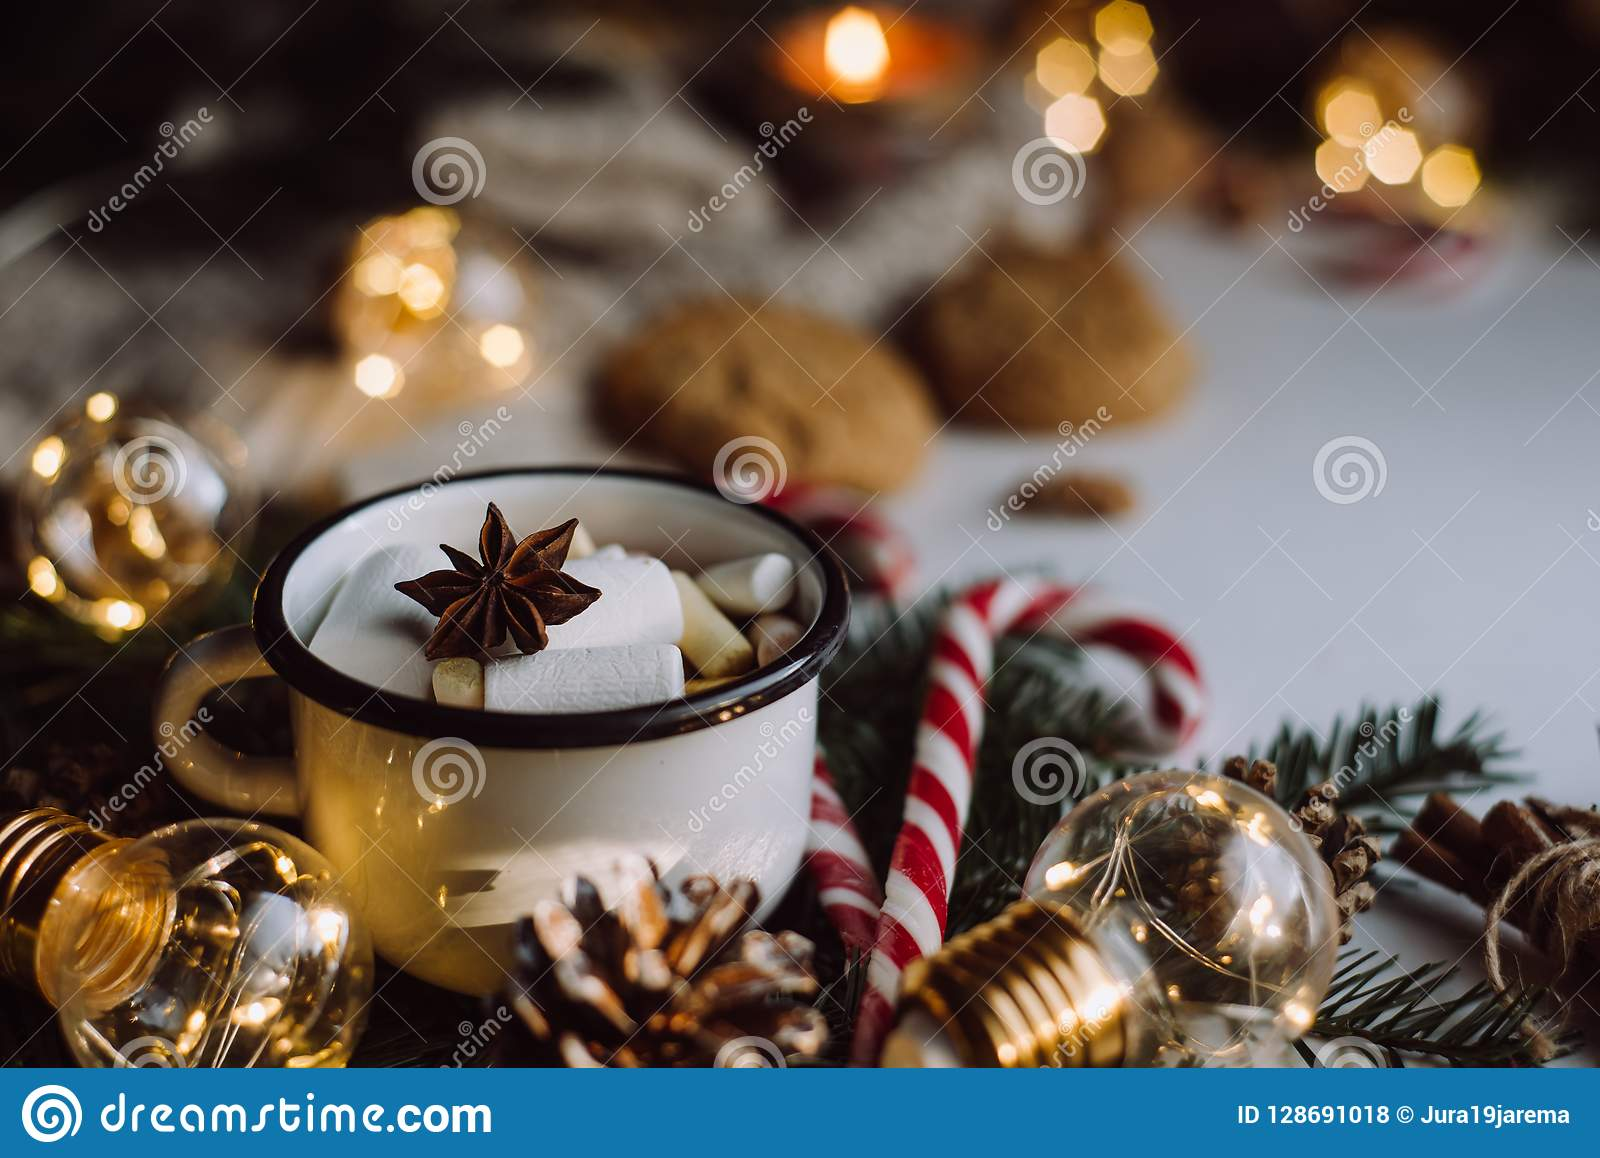 Choklad eller kakao med marshmallowen, kakor, godis på vit bakgrund